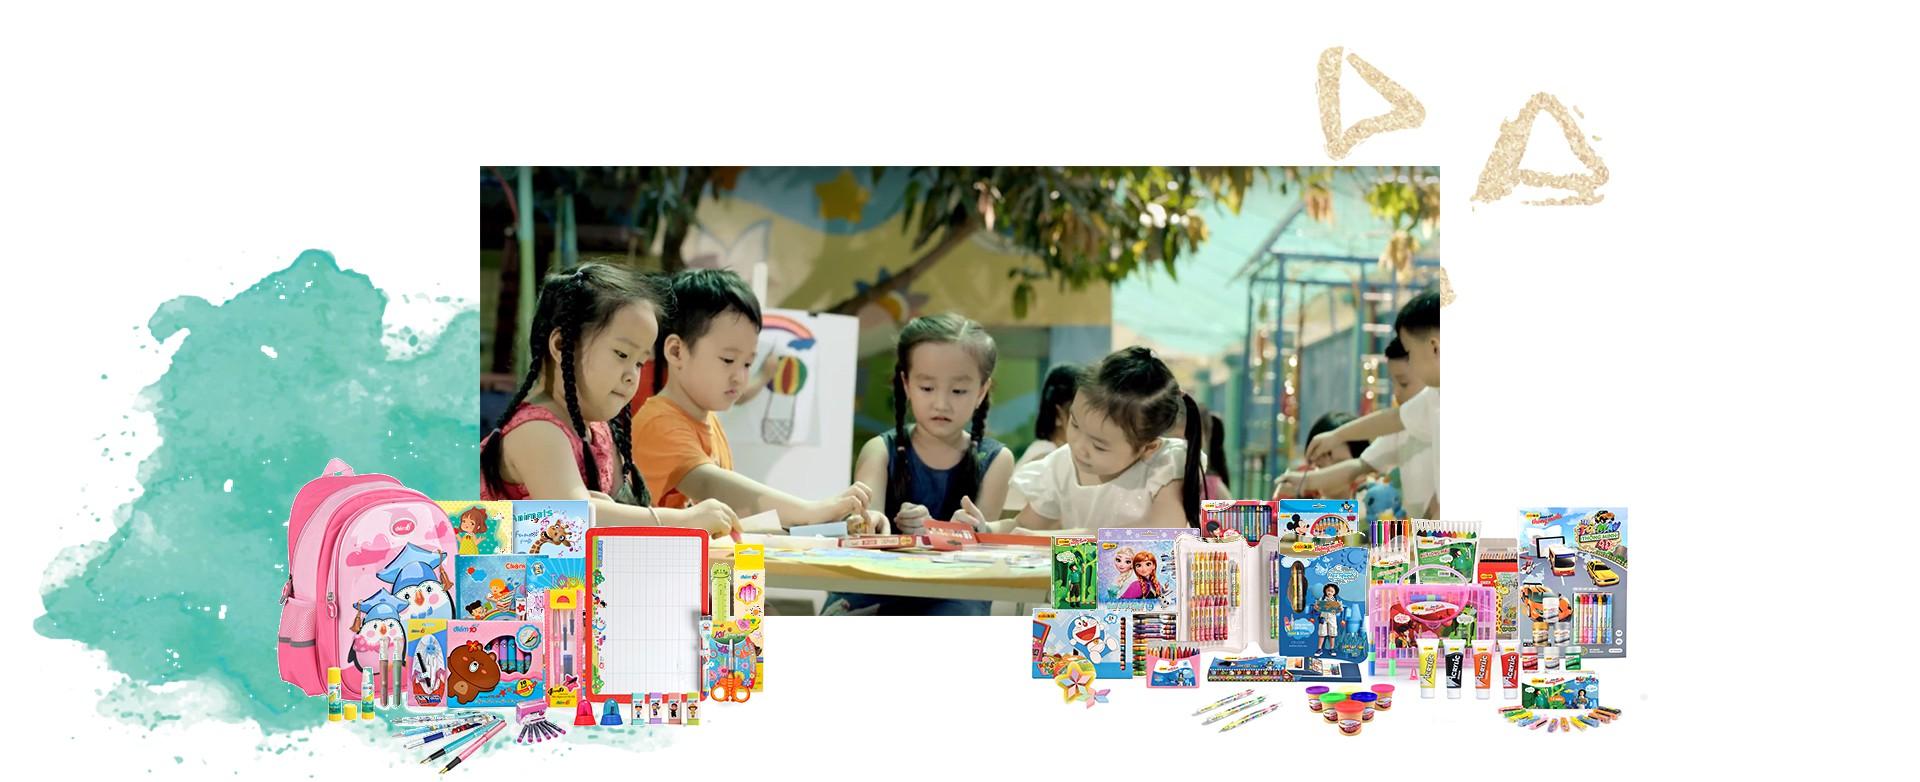 Thiên Long - Không chỉ là tuổi thơ cắp sách tới trường - Ảnh 8.